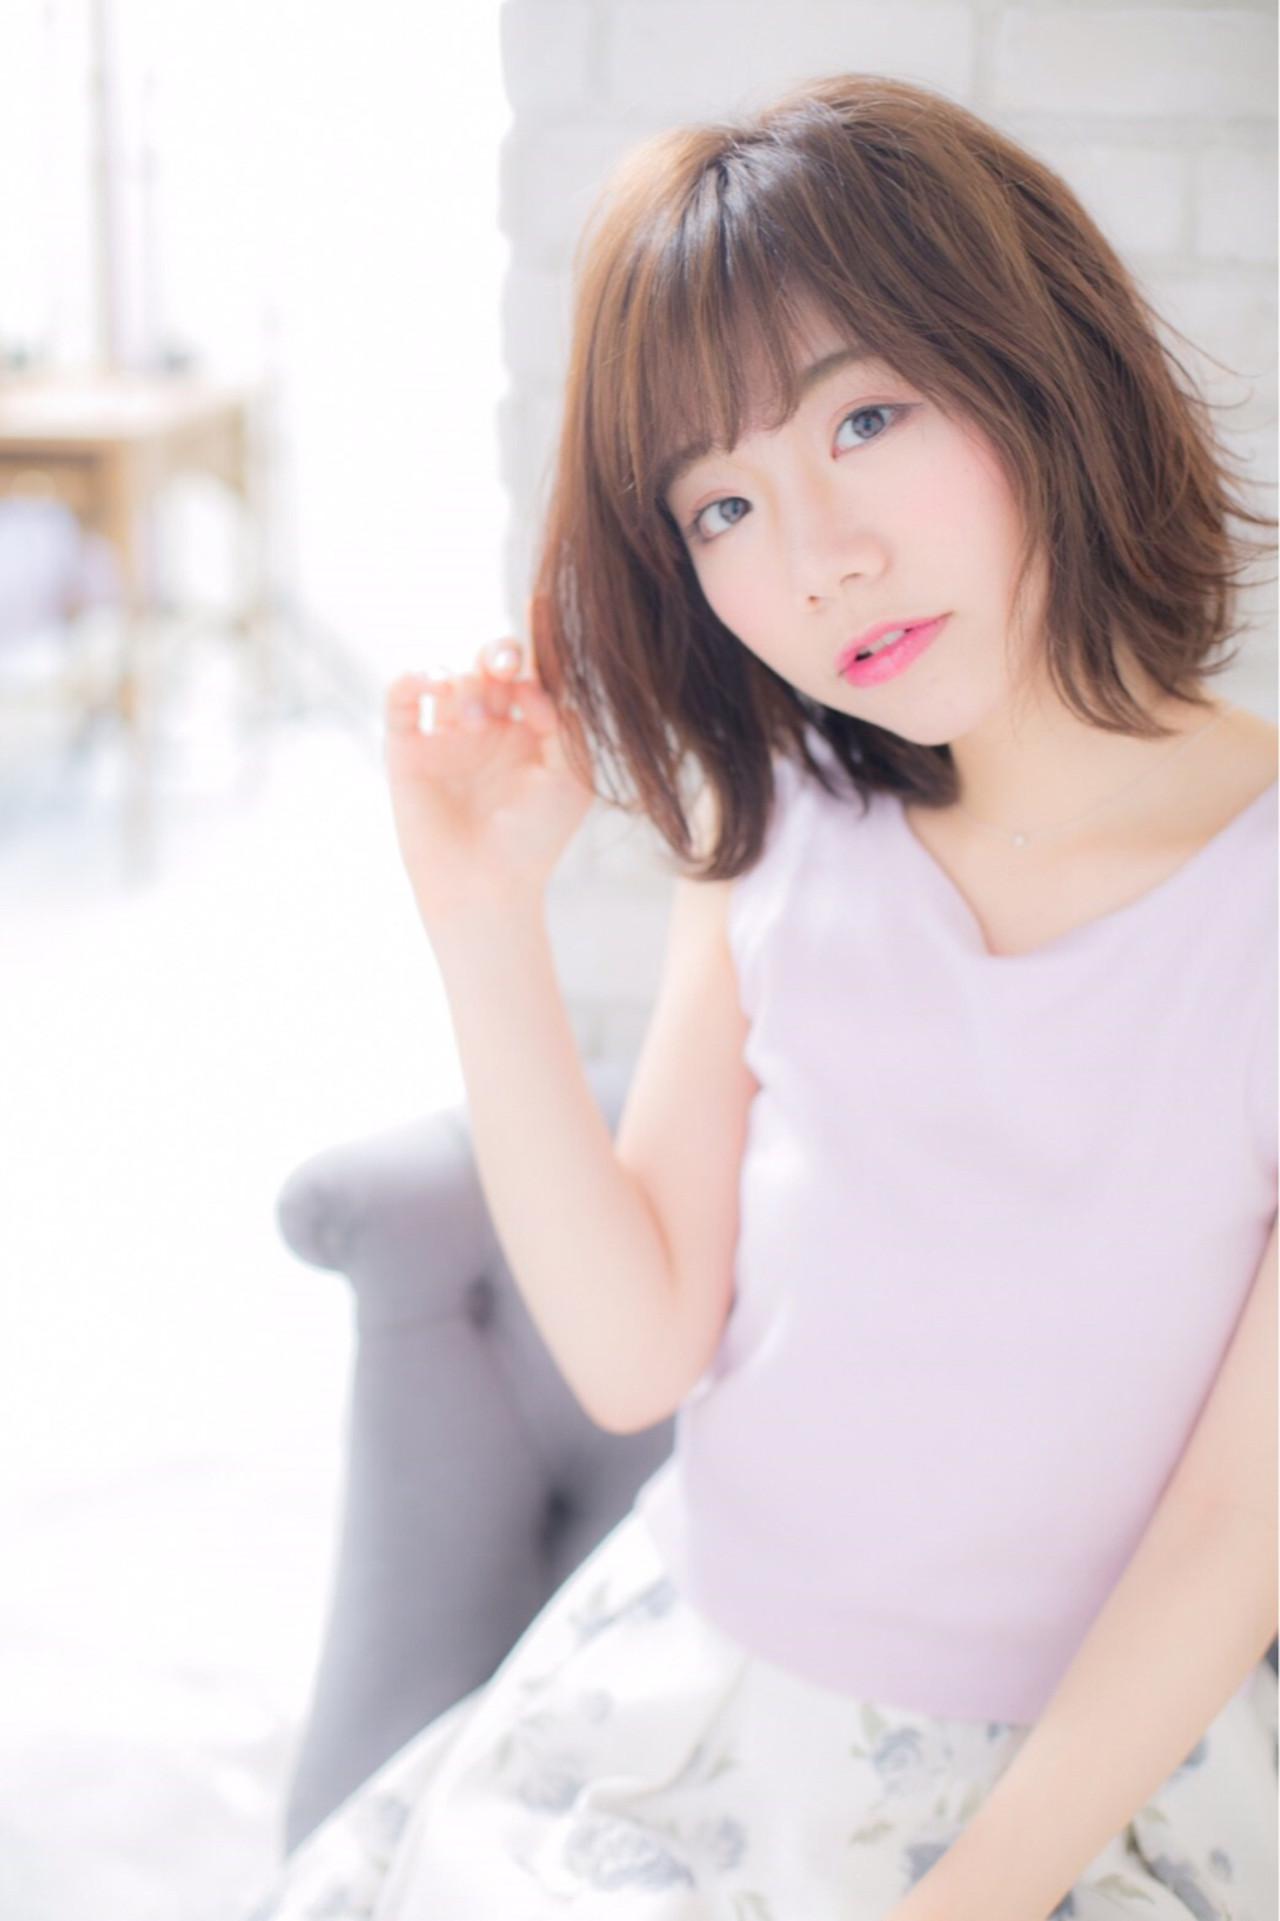 ナチュラル フリンジバング ニュアンス 前髪あり ヘアスタイルや髪型の写真・画像 | risa /